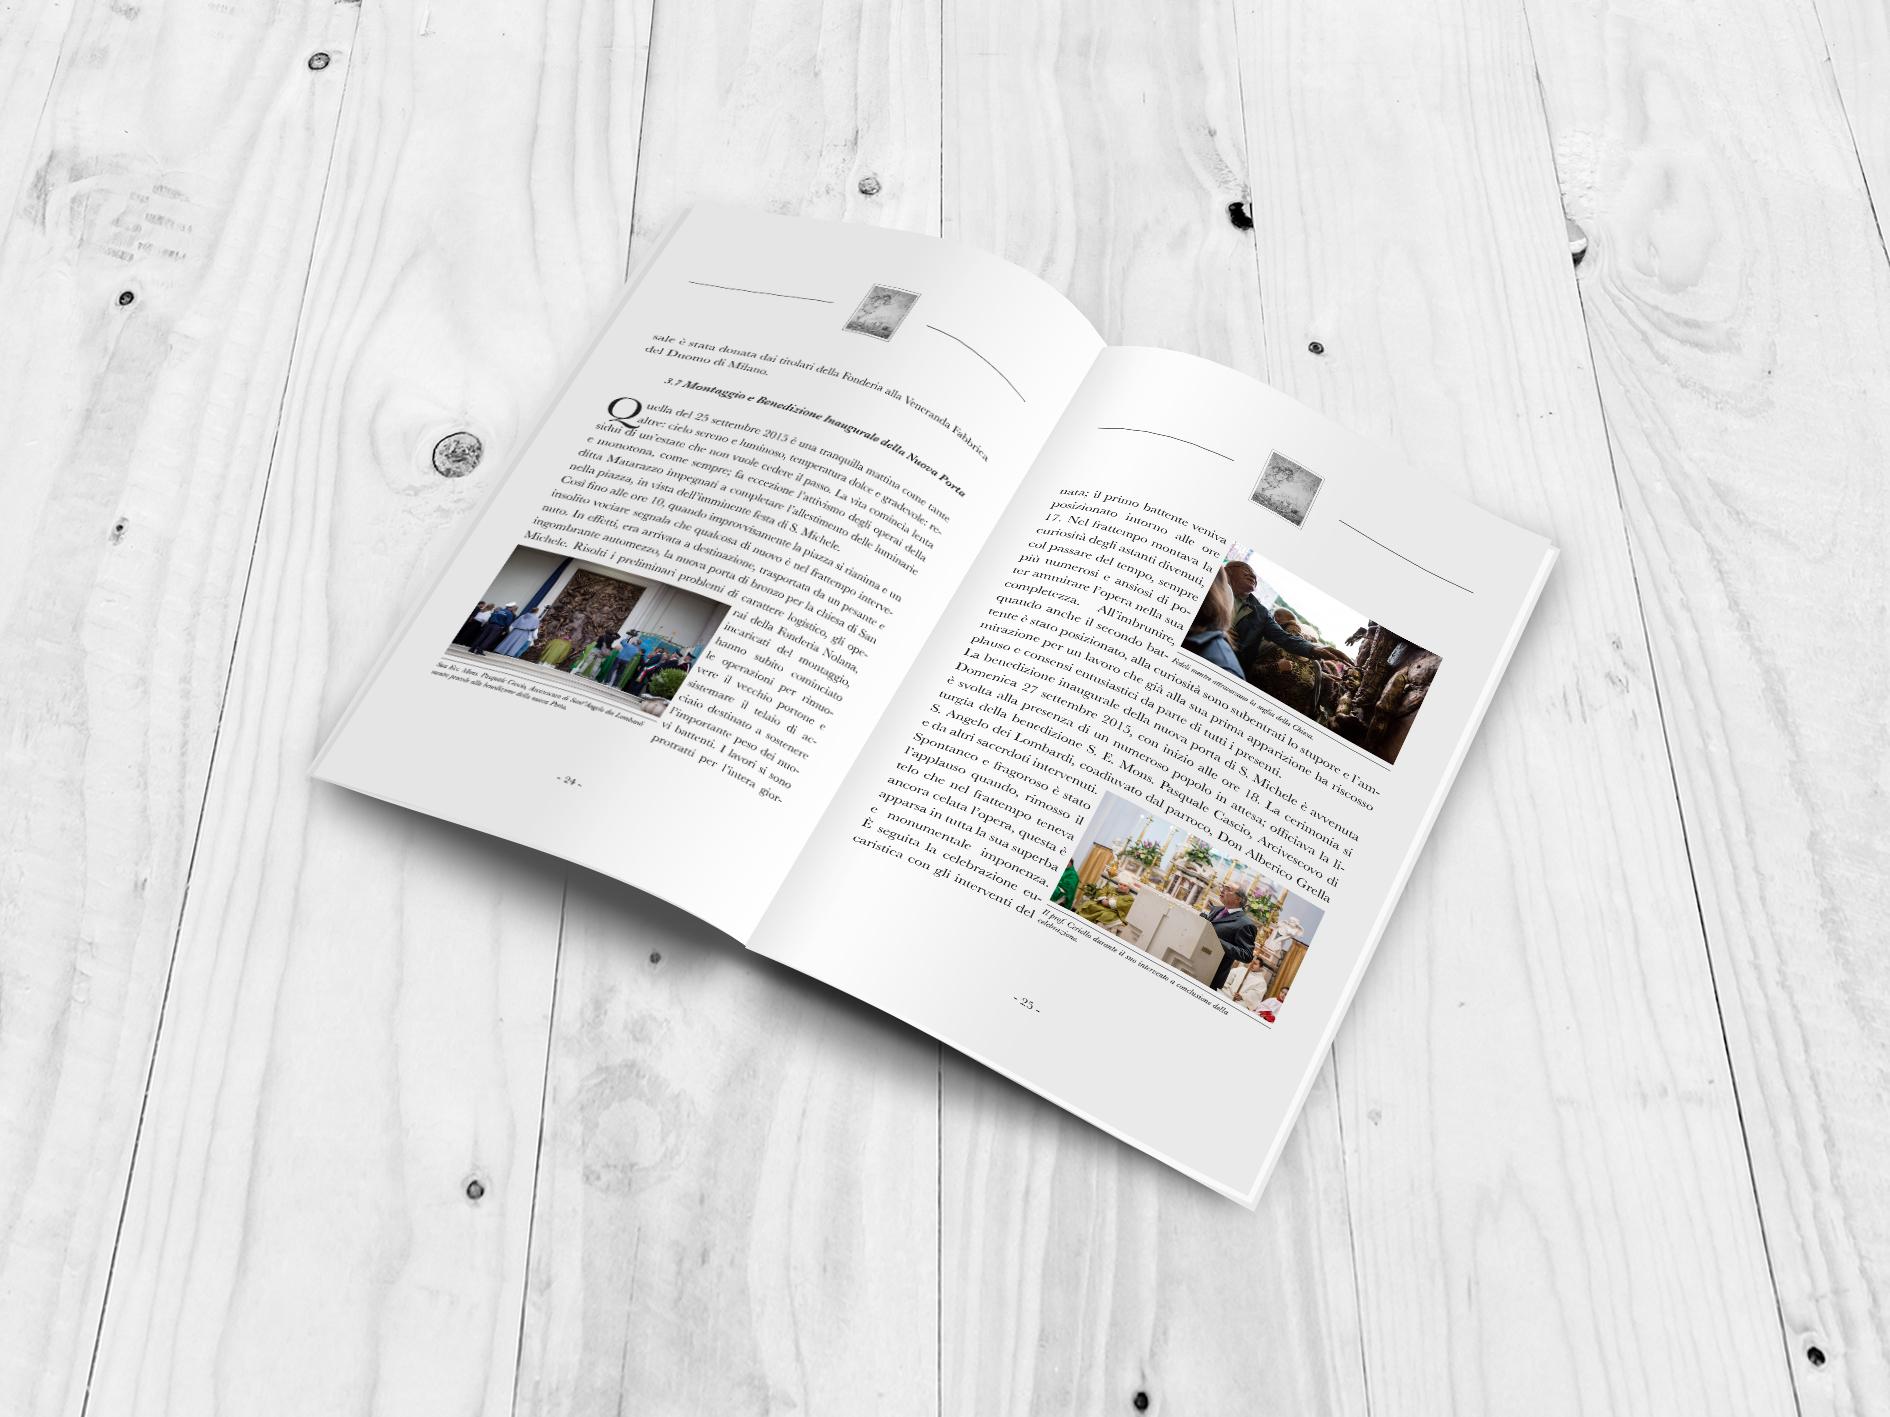 Pubblicazione: La nuova porte di bronzo dell'abbazia di San Michele A. - 02